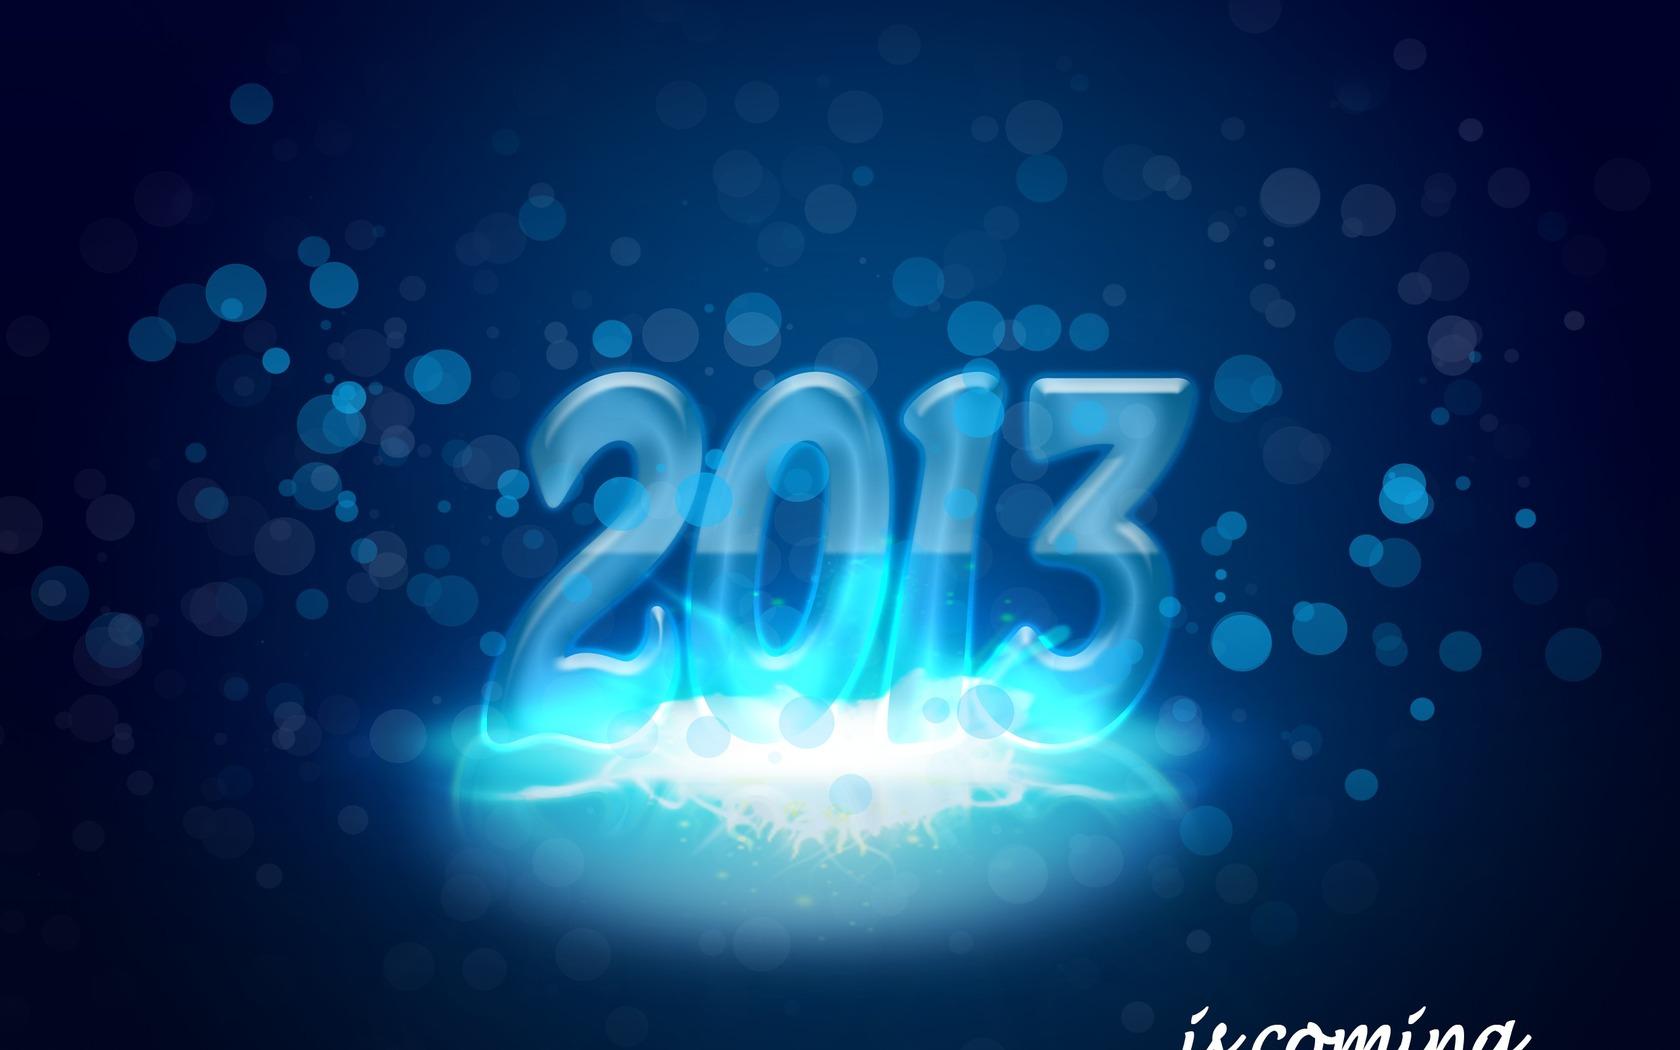 Новый год 2013 обои для рабочего стола